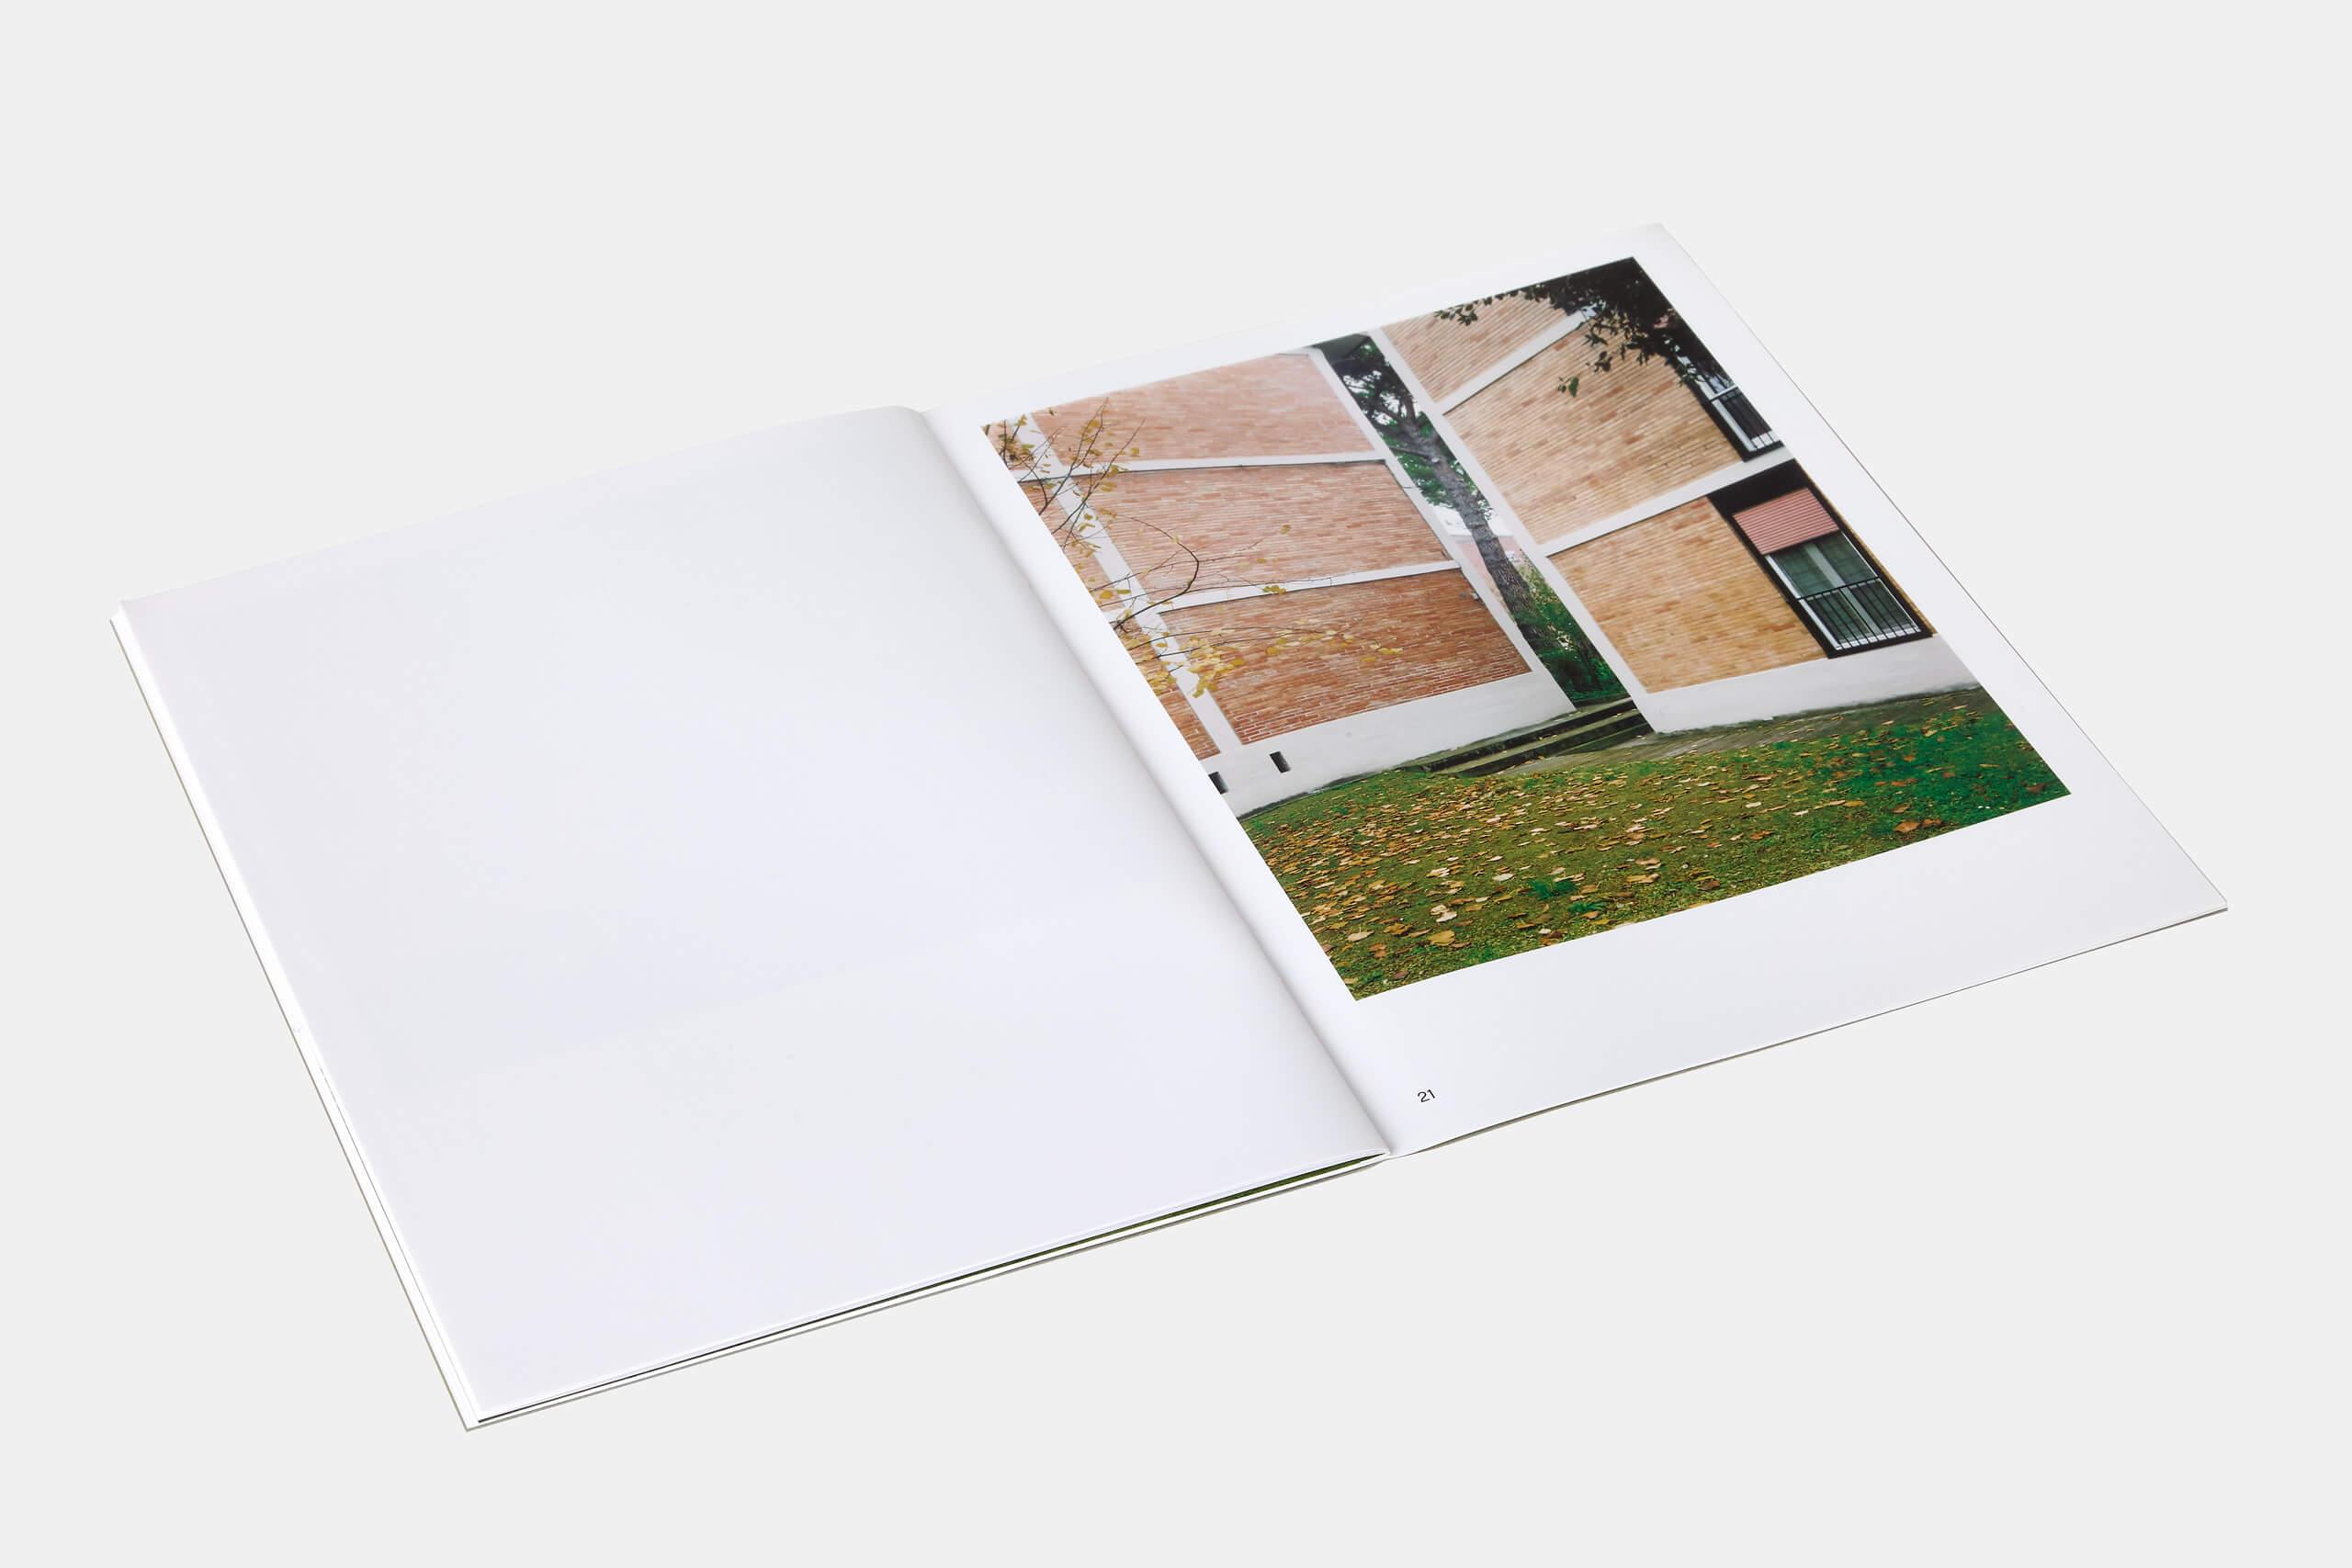 Federico_Covre_Parendo_Alla_Mente_Book_Osservatorio_Fotografico_2014_14